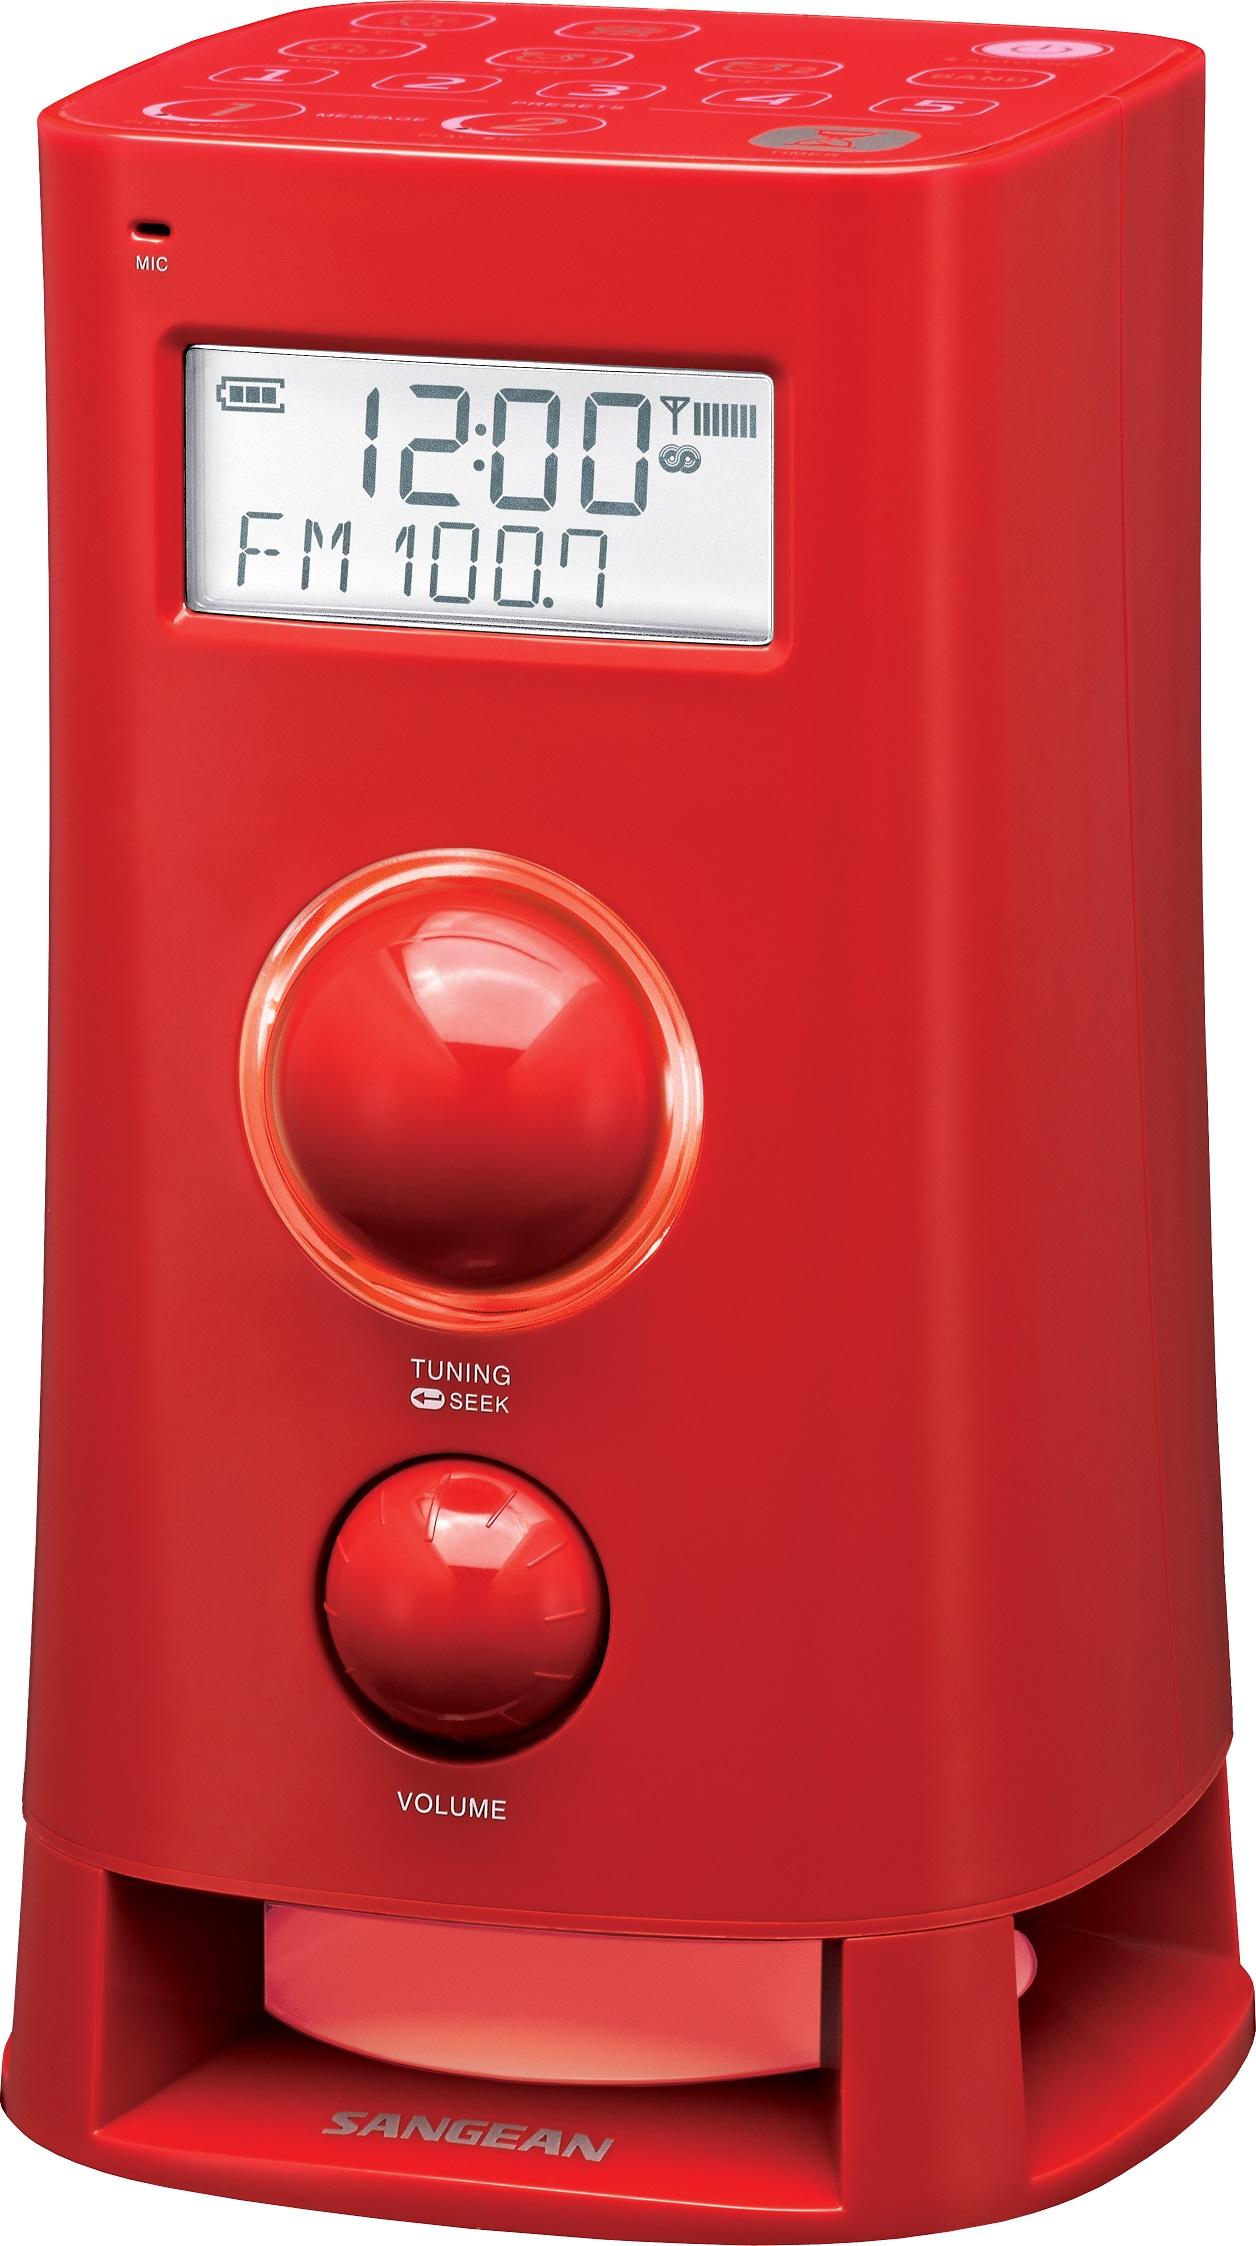 Sangean K200 - Wekkerradio - Mood - Roze